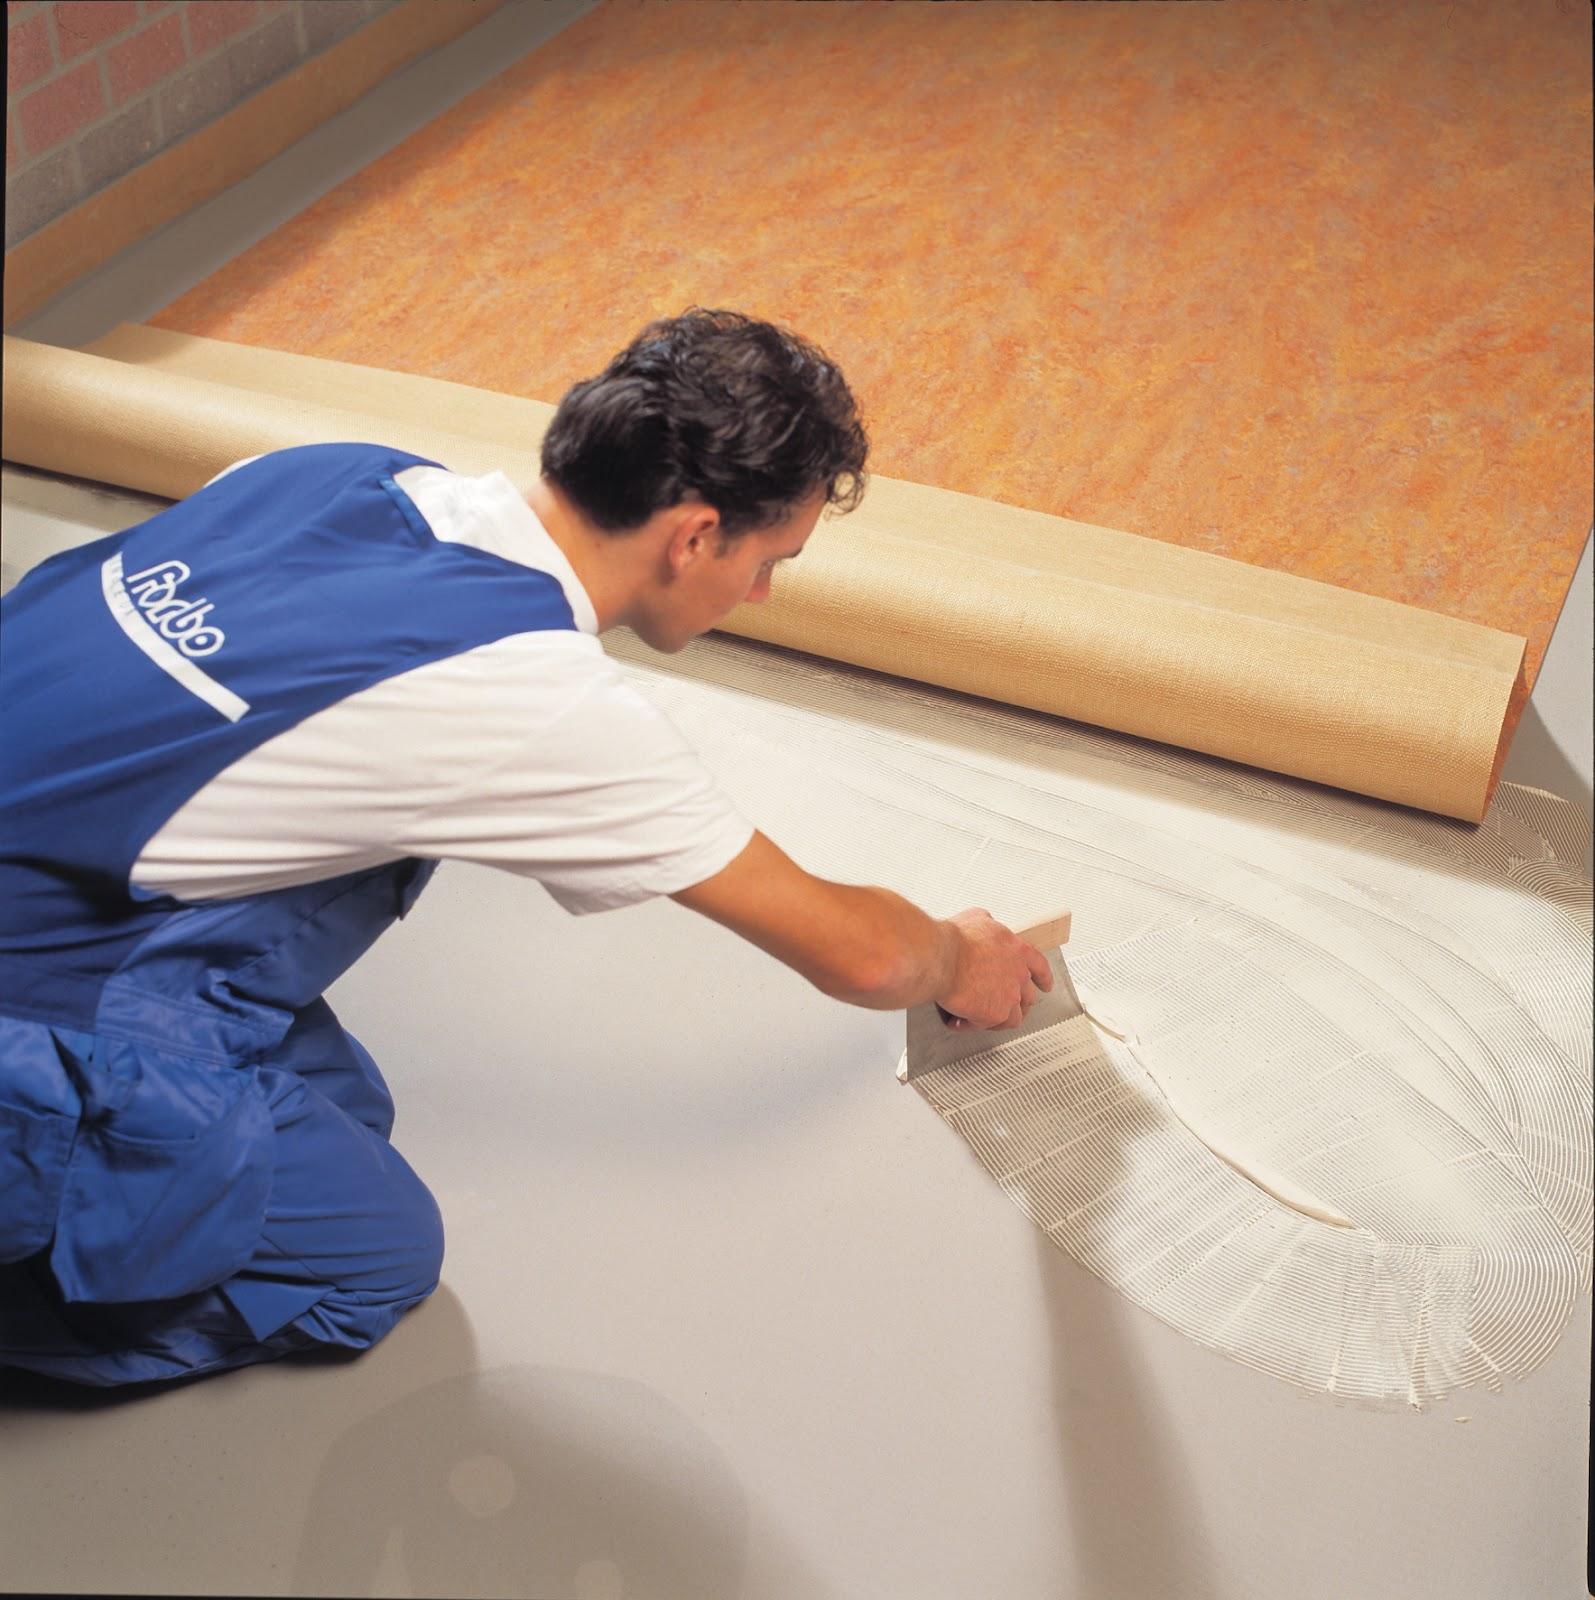 Manual de instalaci n de pavimentos los mejores adhesivos - Linoleo pavimento ...